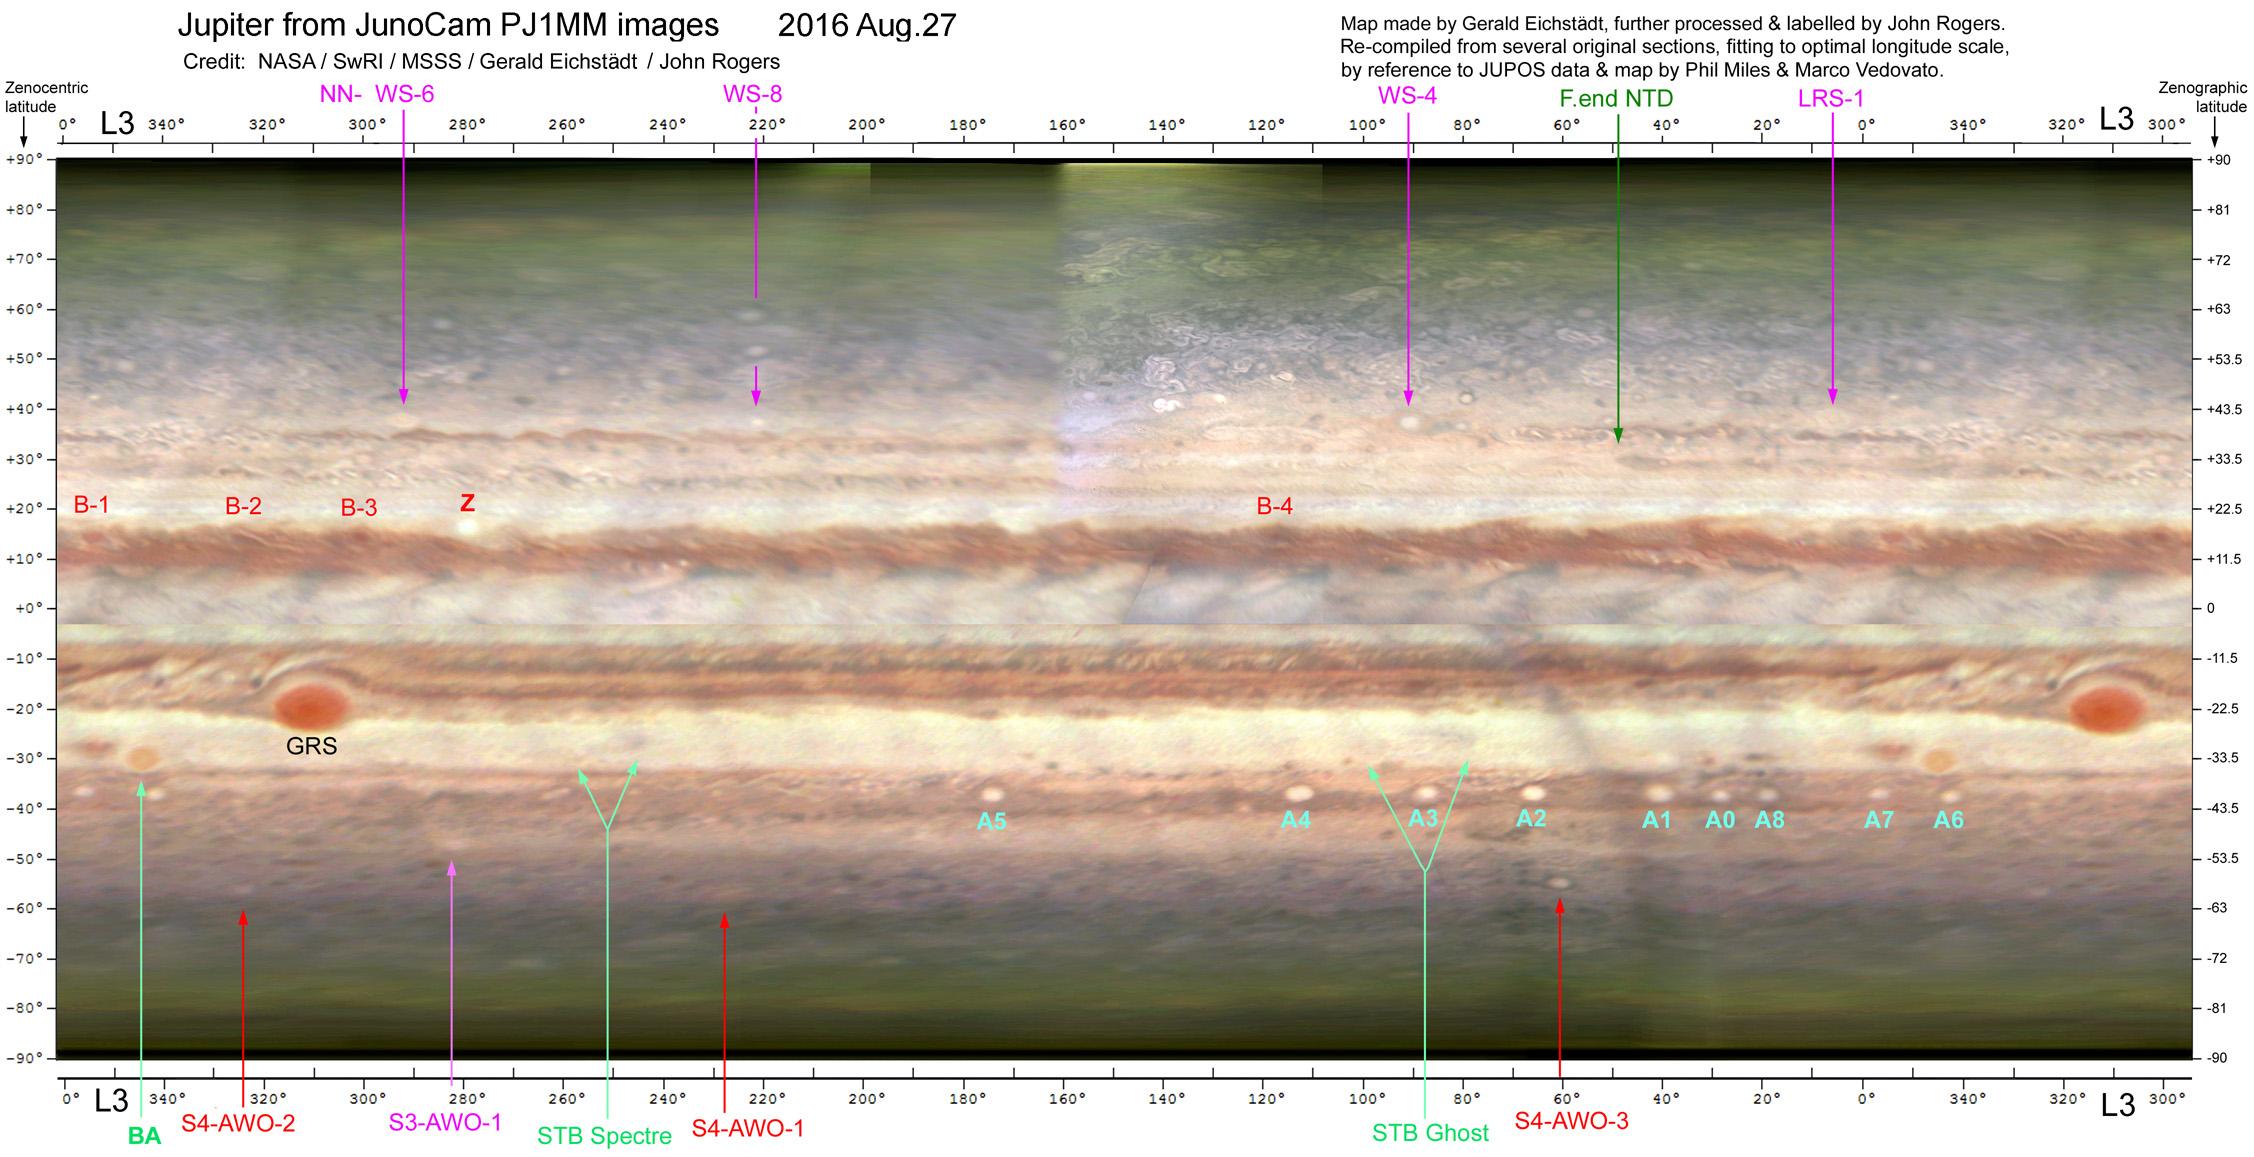 Jupiter Map from JunoCam